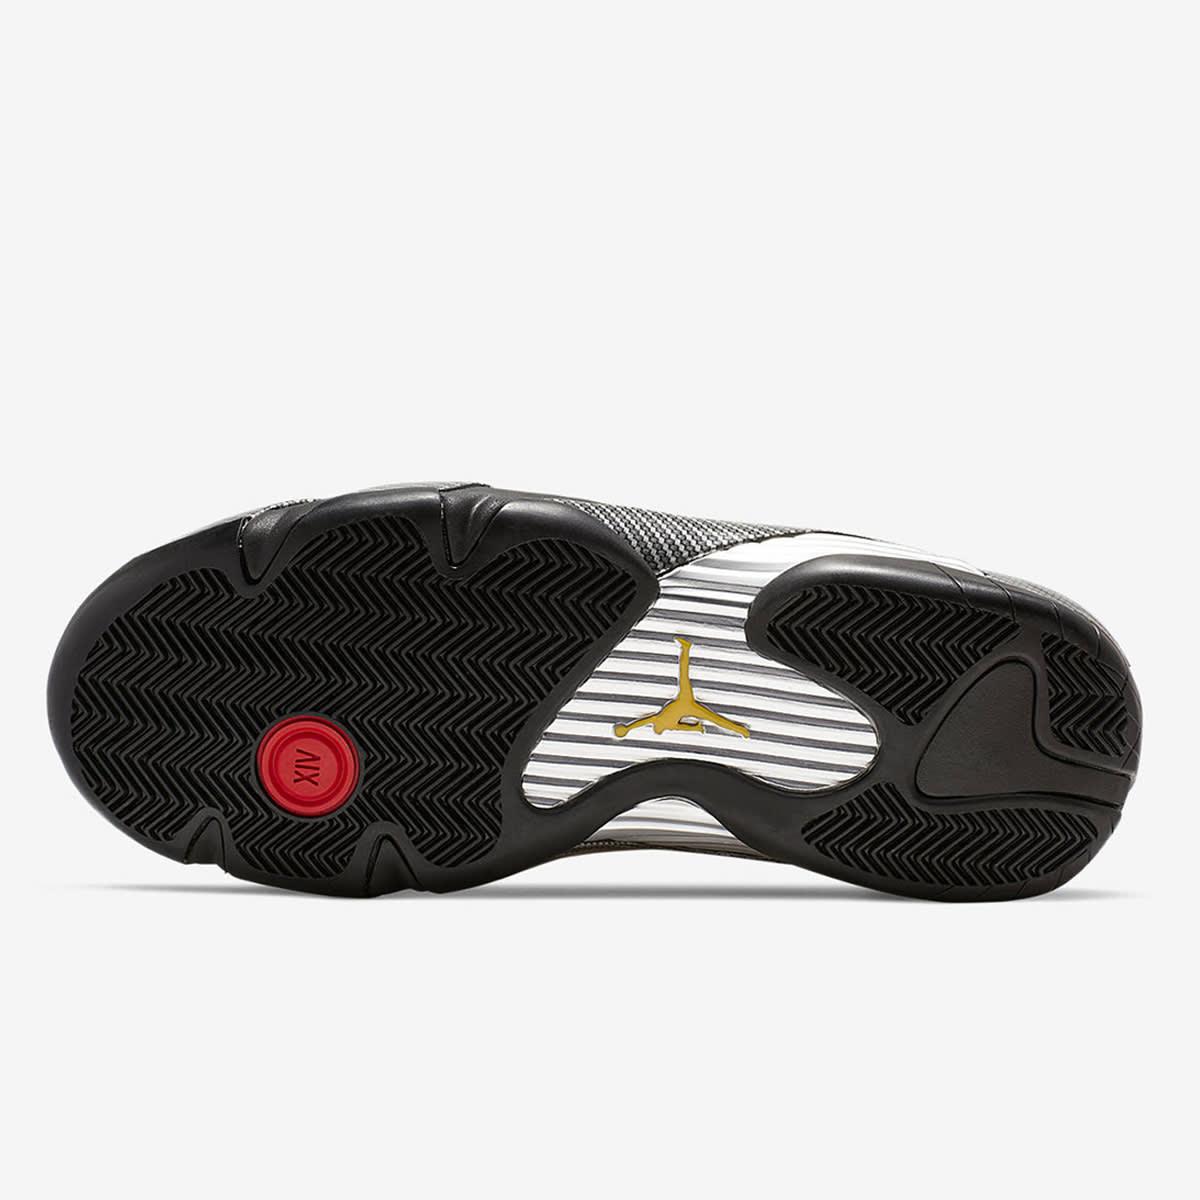 Nike Air Jordan XIV Rare Air - BQ3685-706